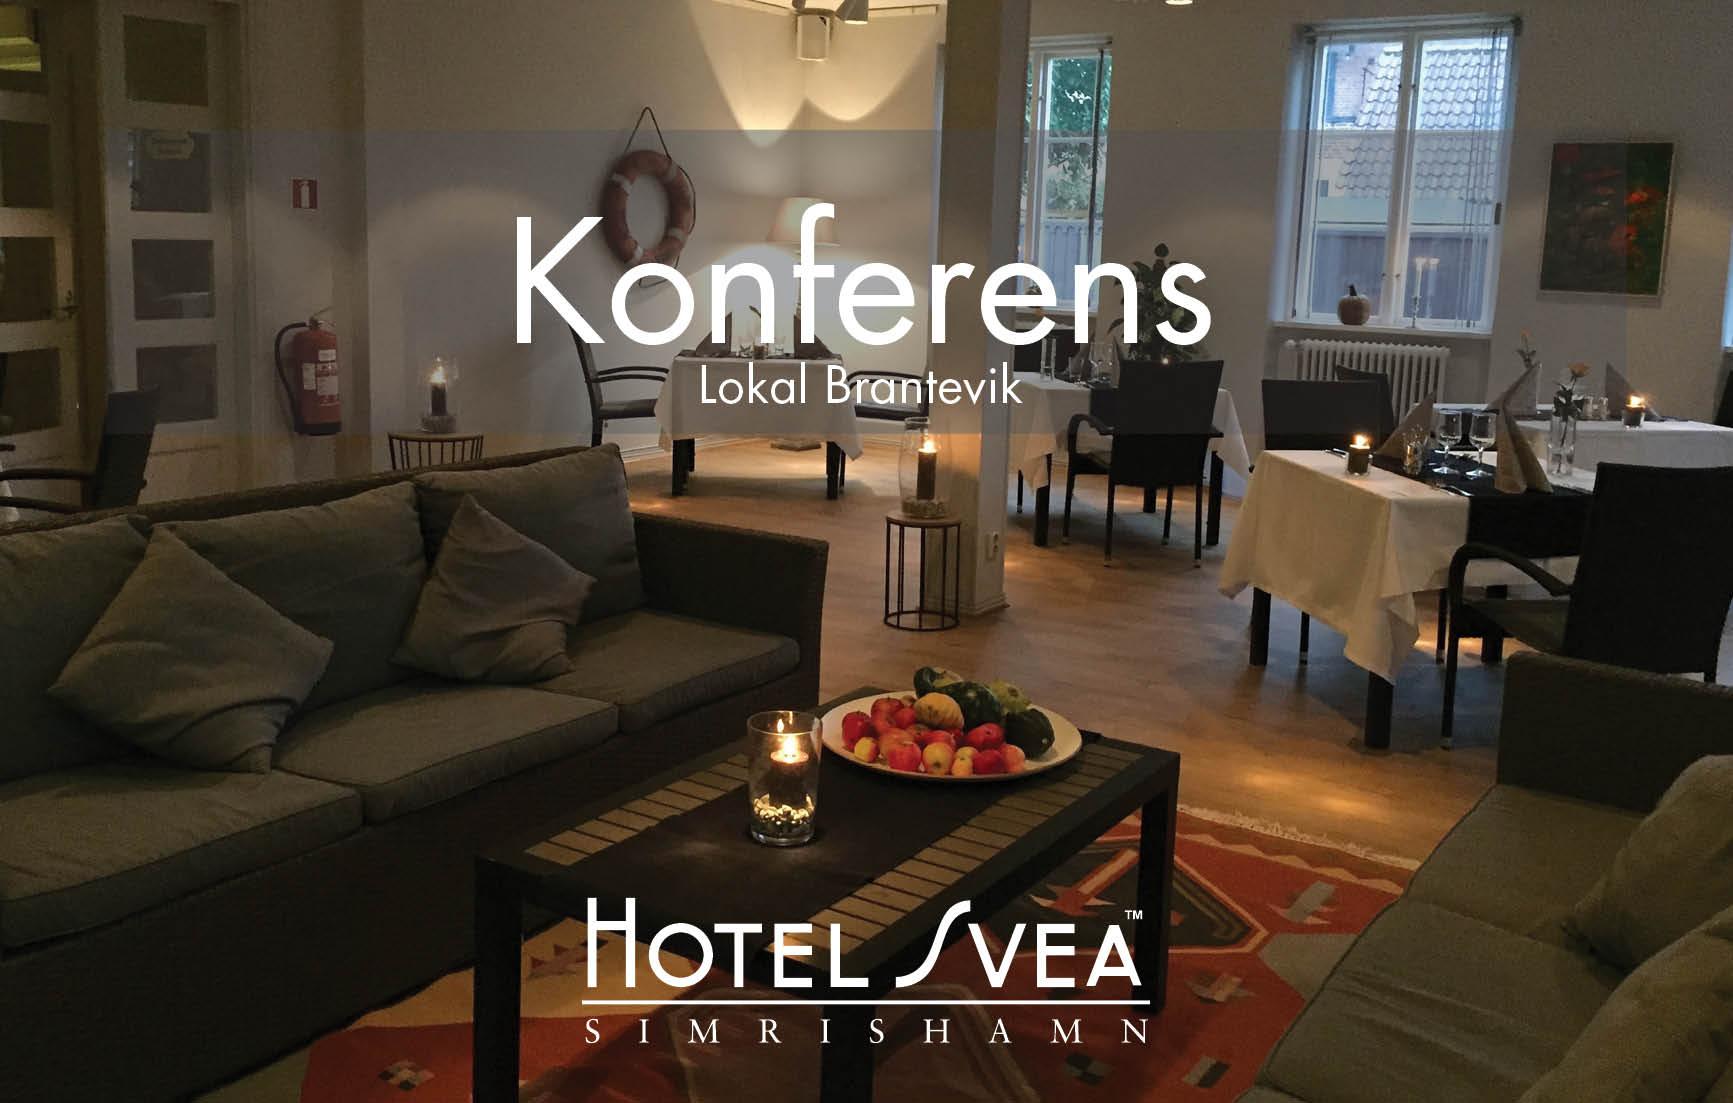 Hotel Sveas Konferens och festlokaler